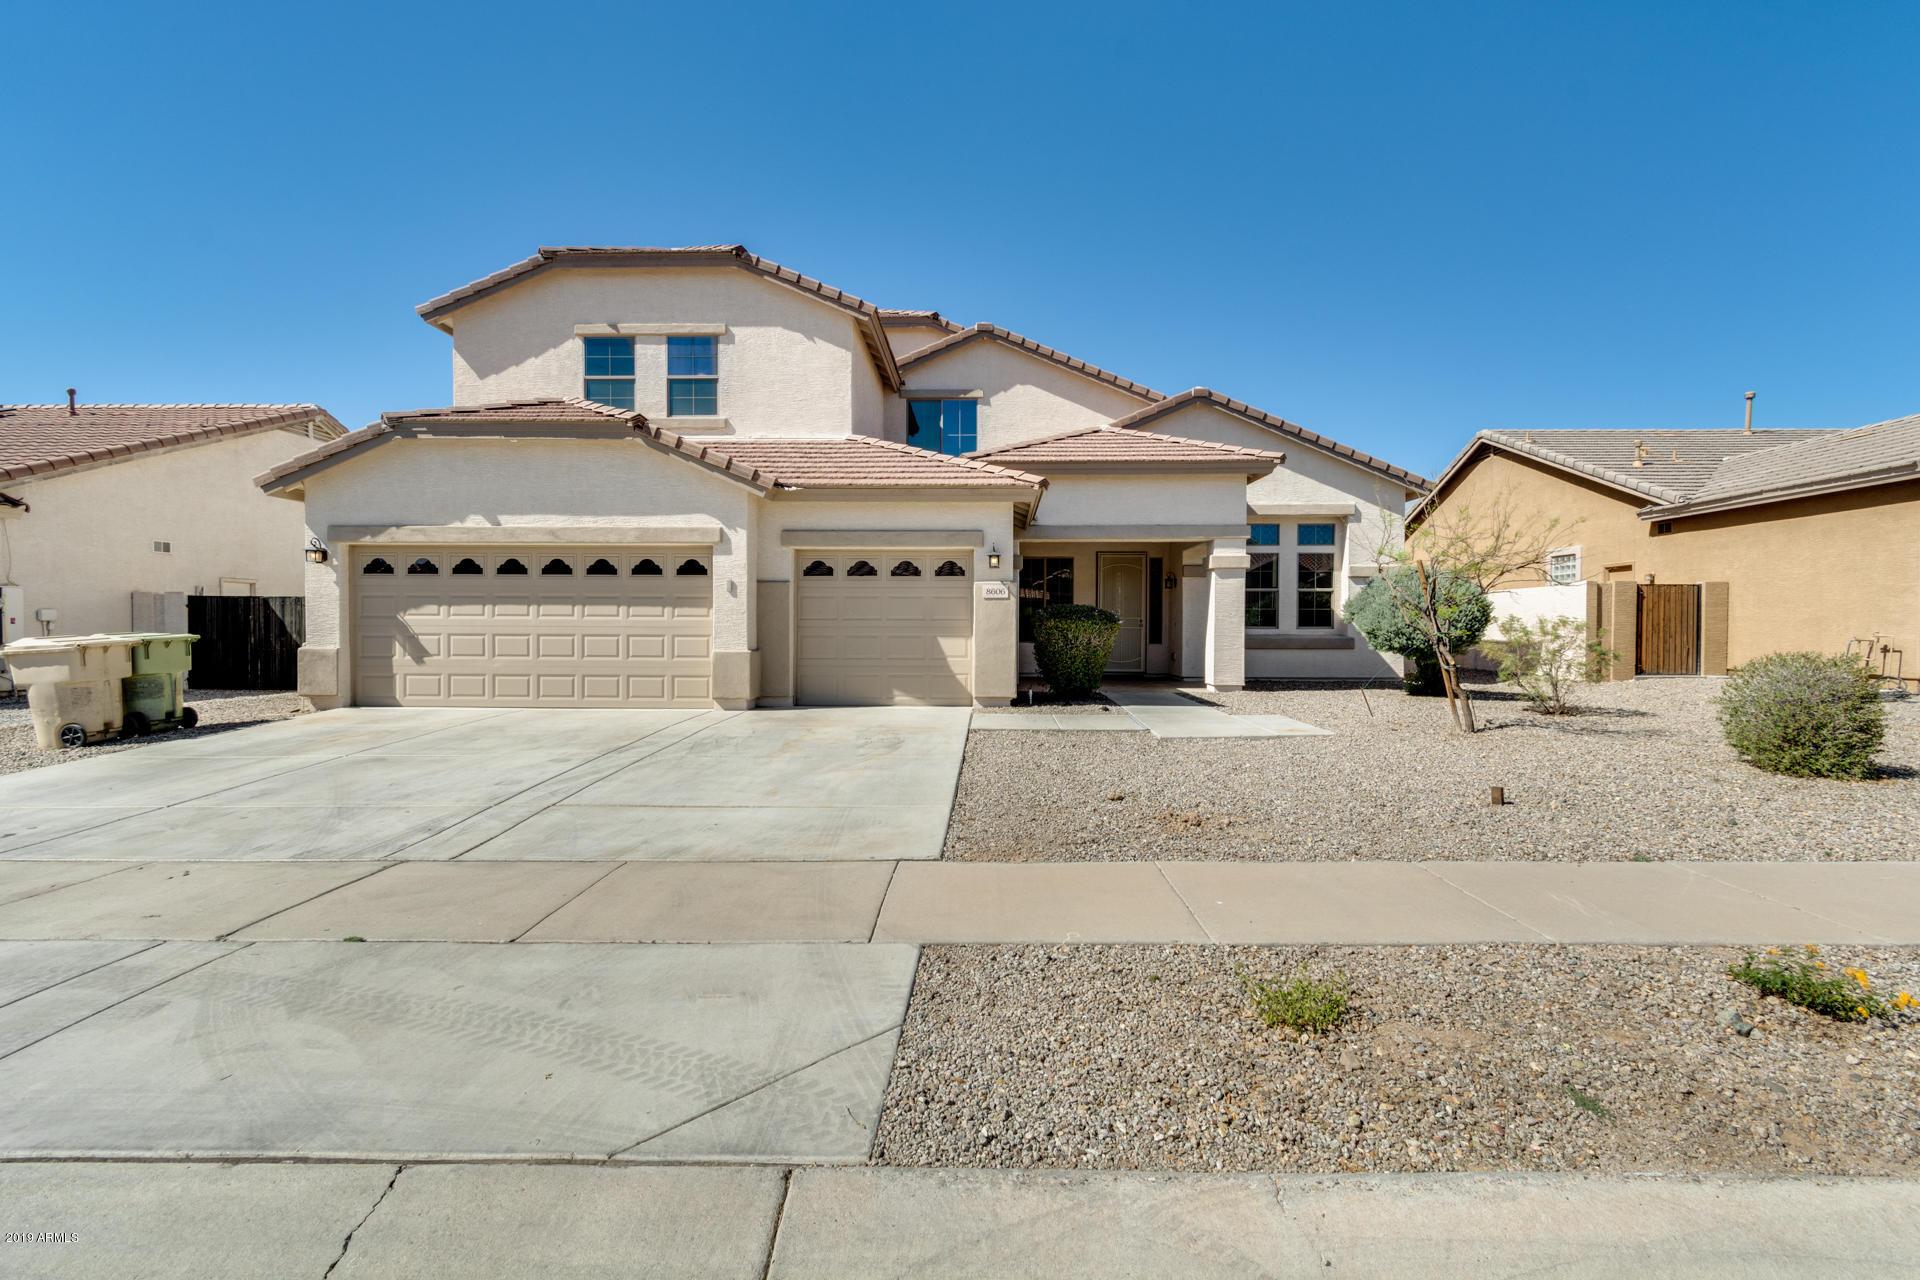 8606 W CAROLE Lane, Glendale AZ 85305